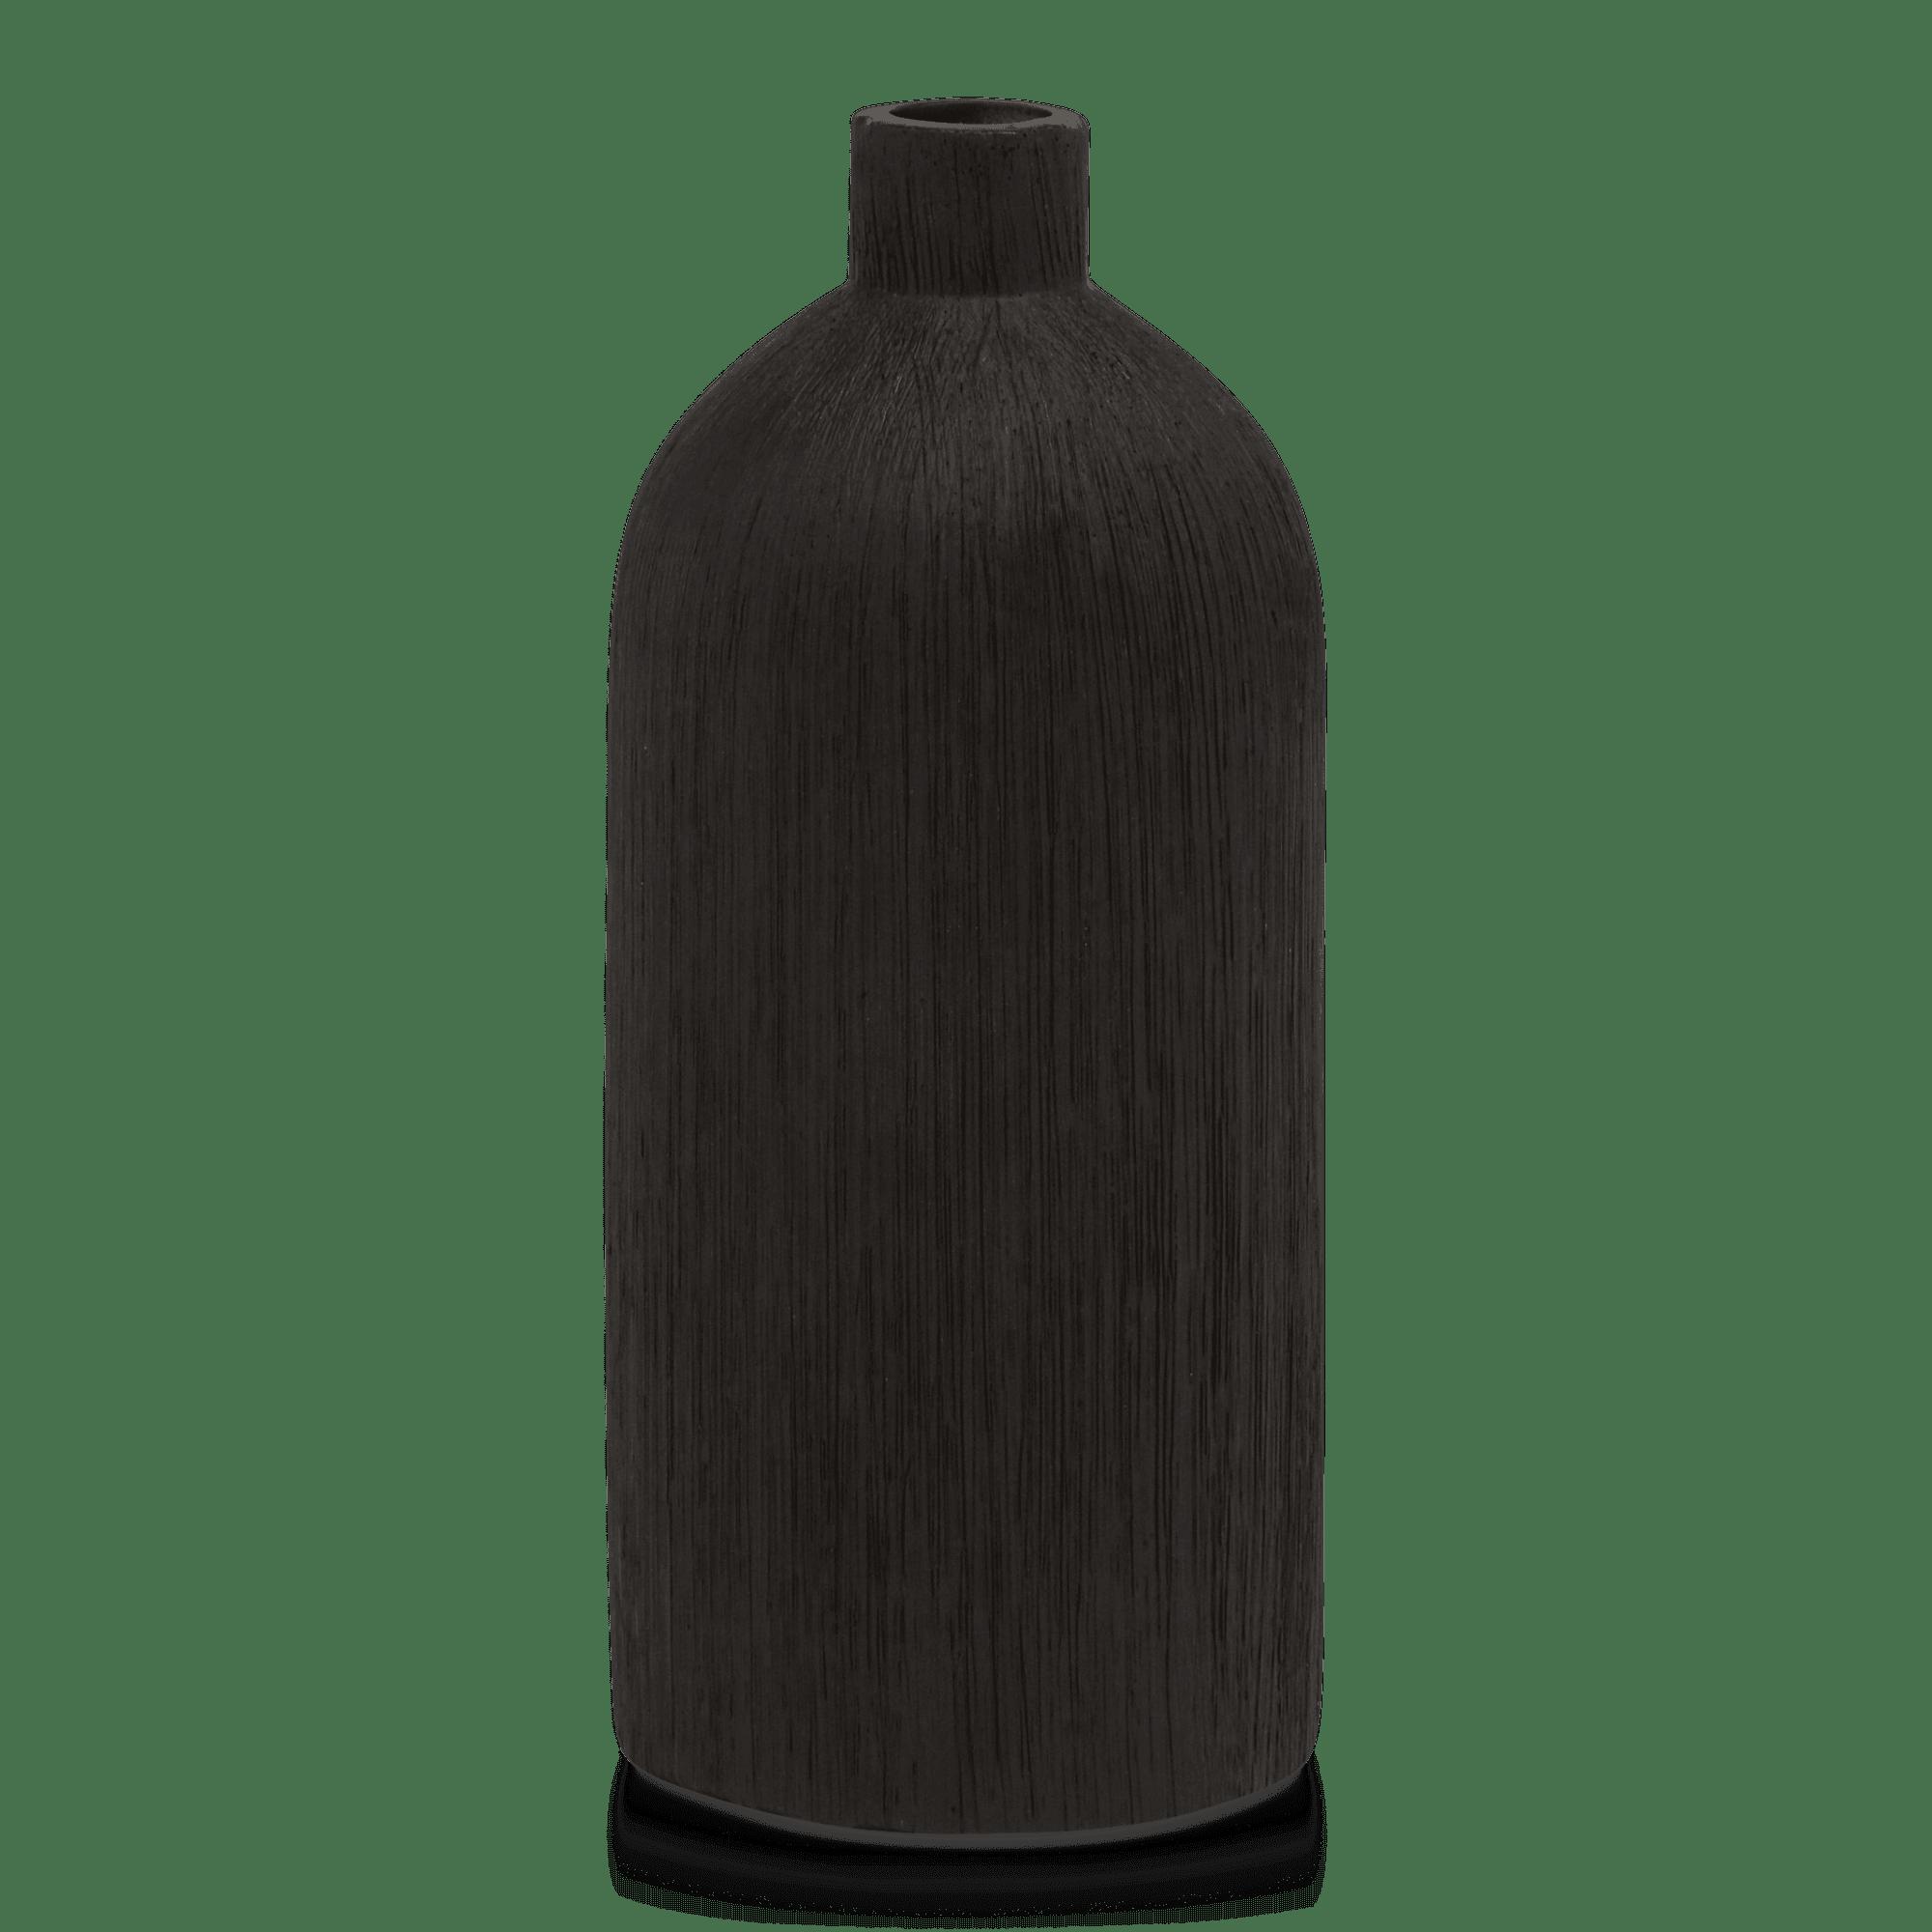 Vase bouteille en céramique texturée